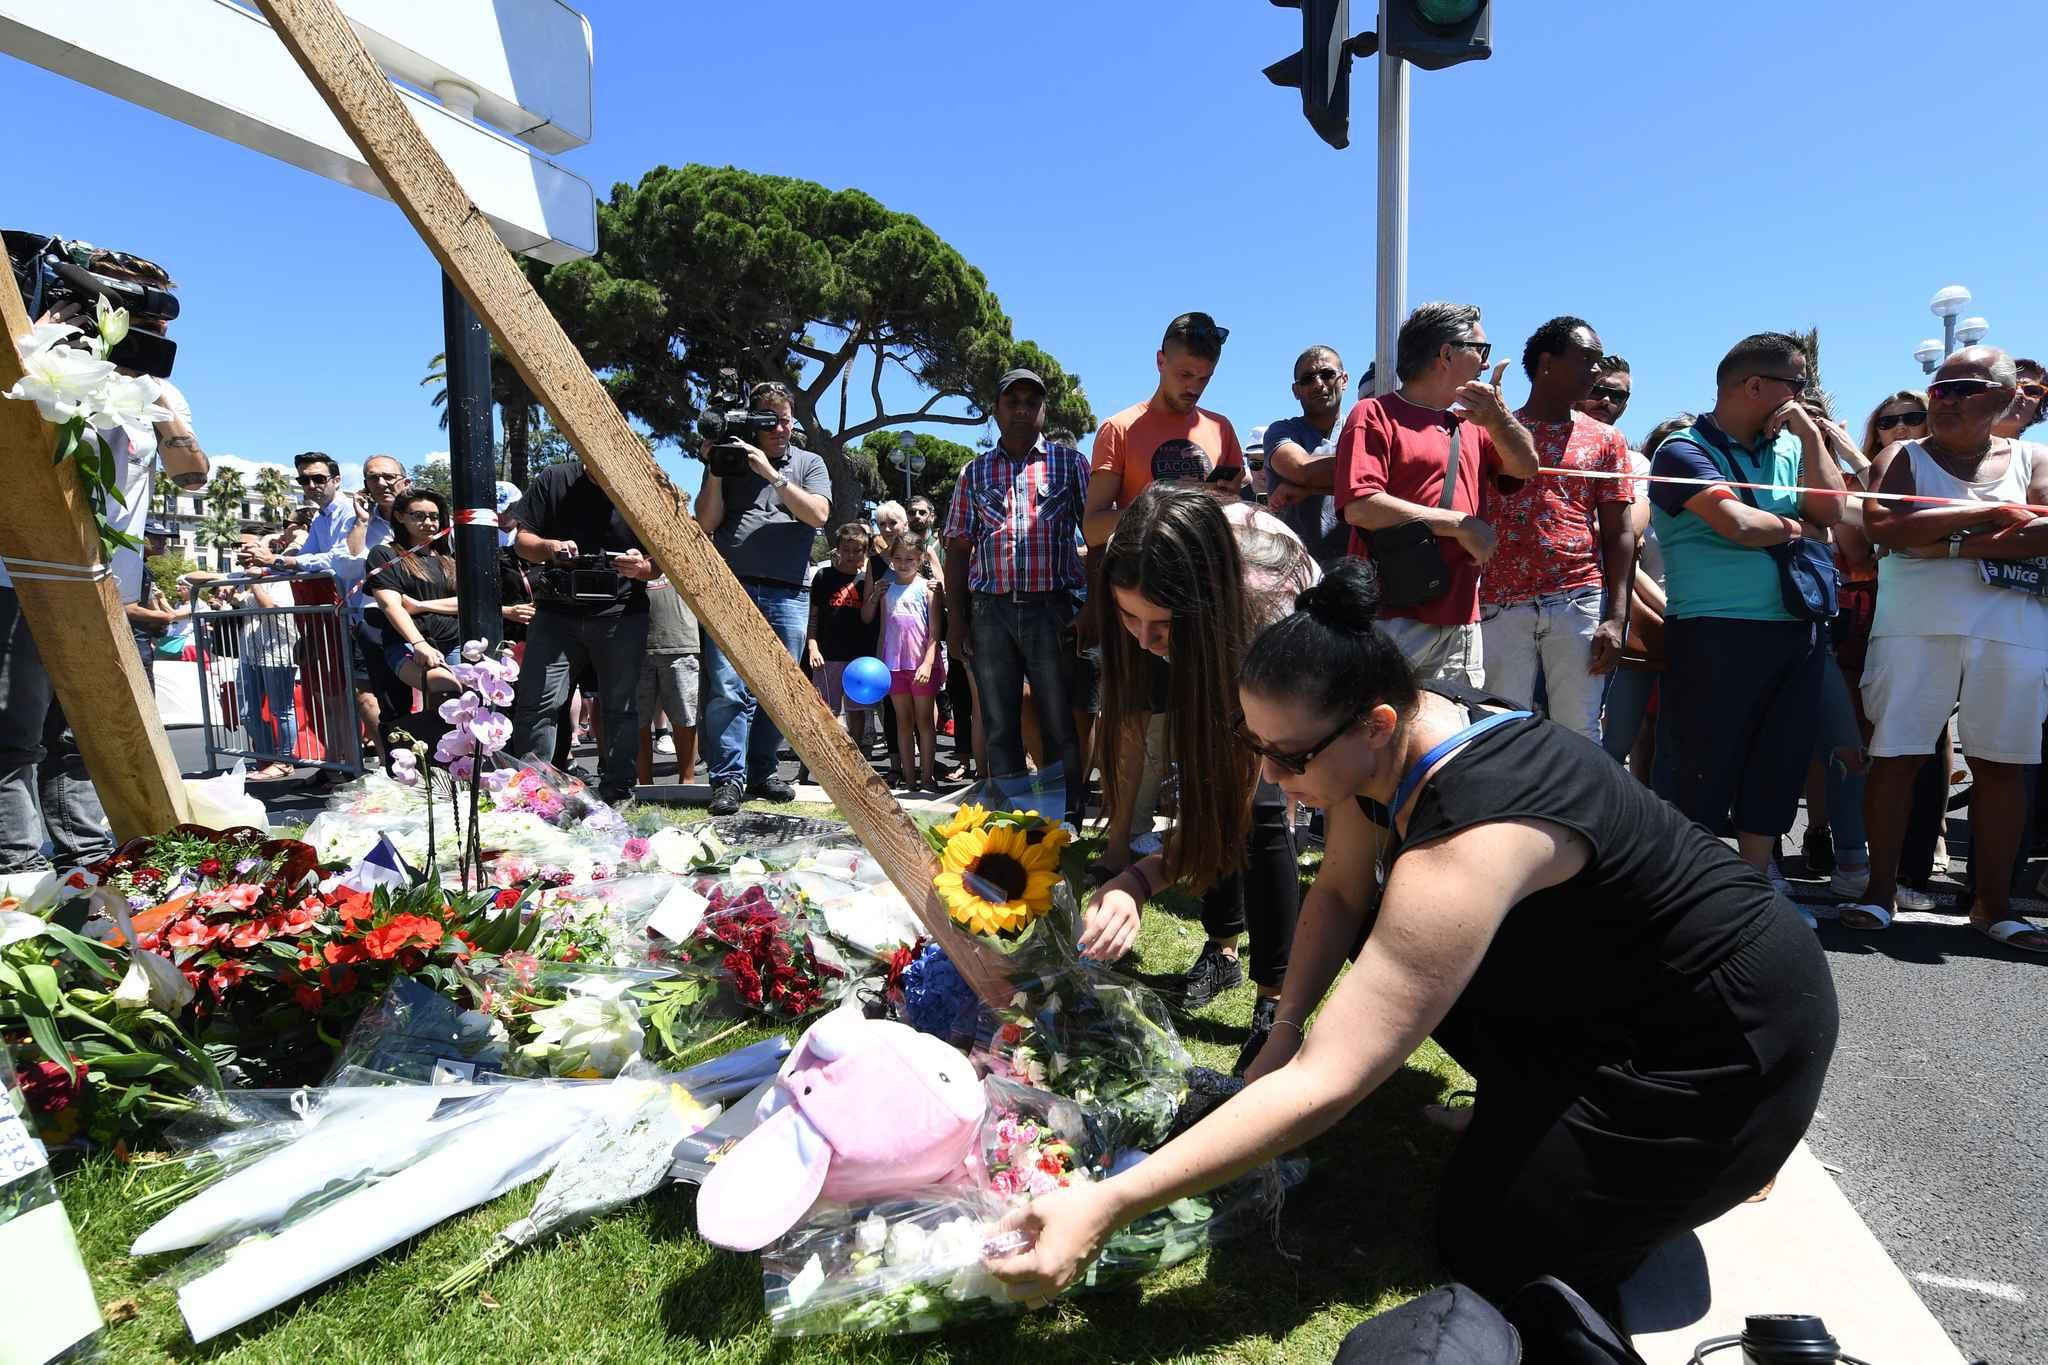 Des personnes rendent hommage aux victimes de l'attentat sur la promenade des Anglais à Nice.